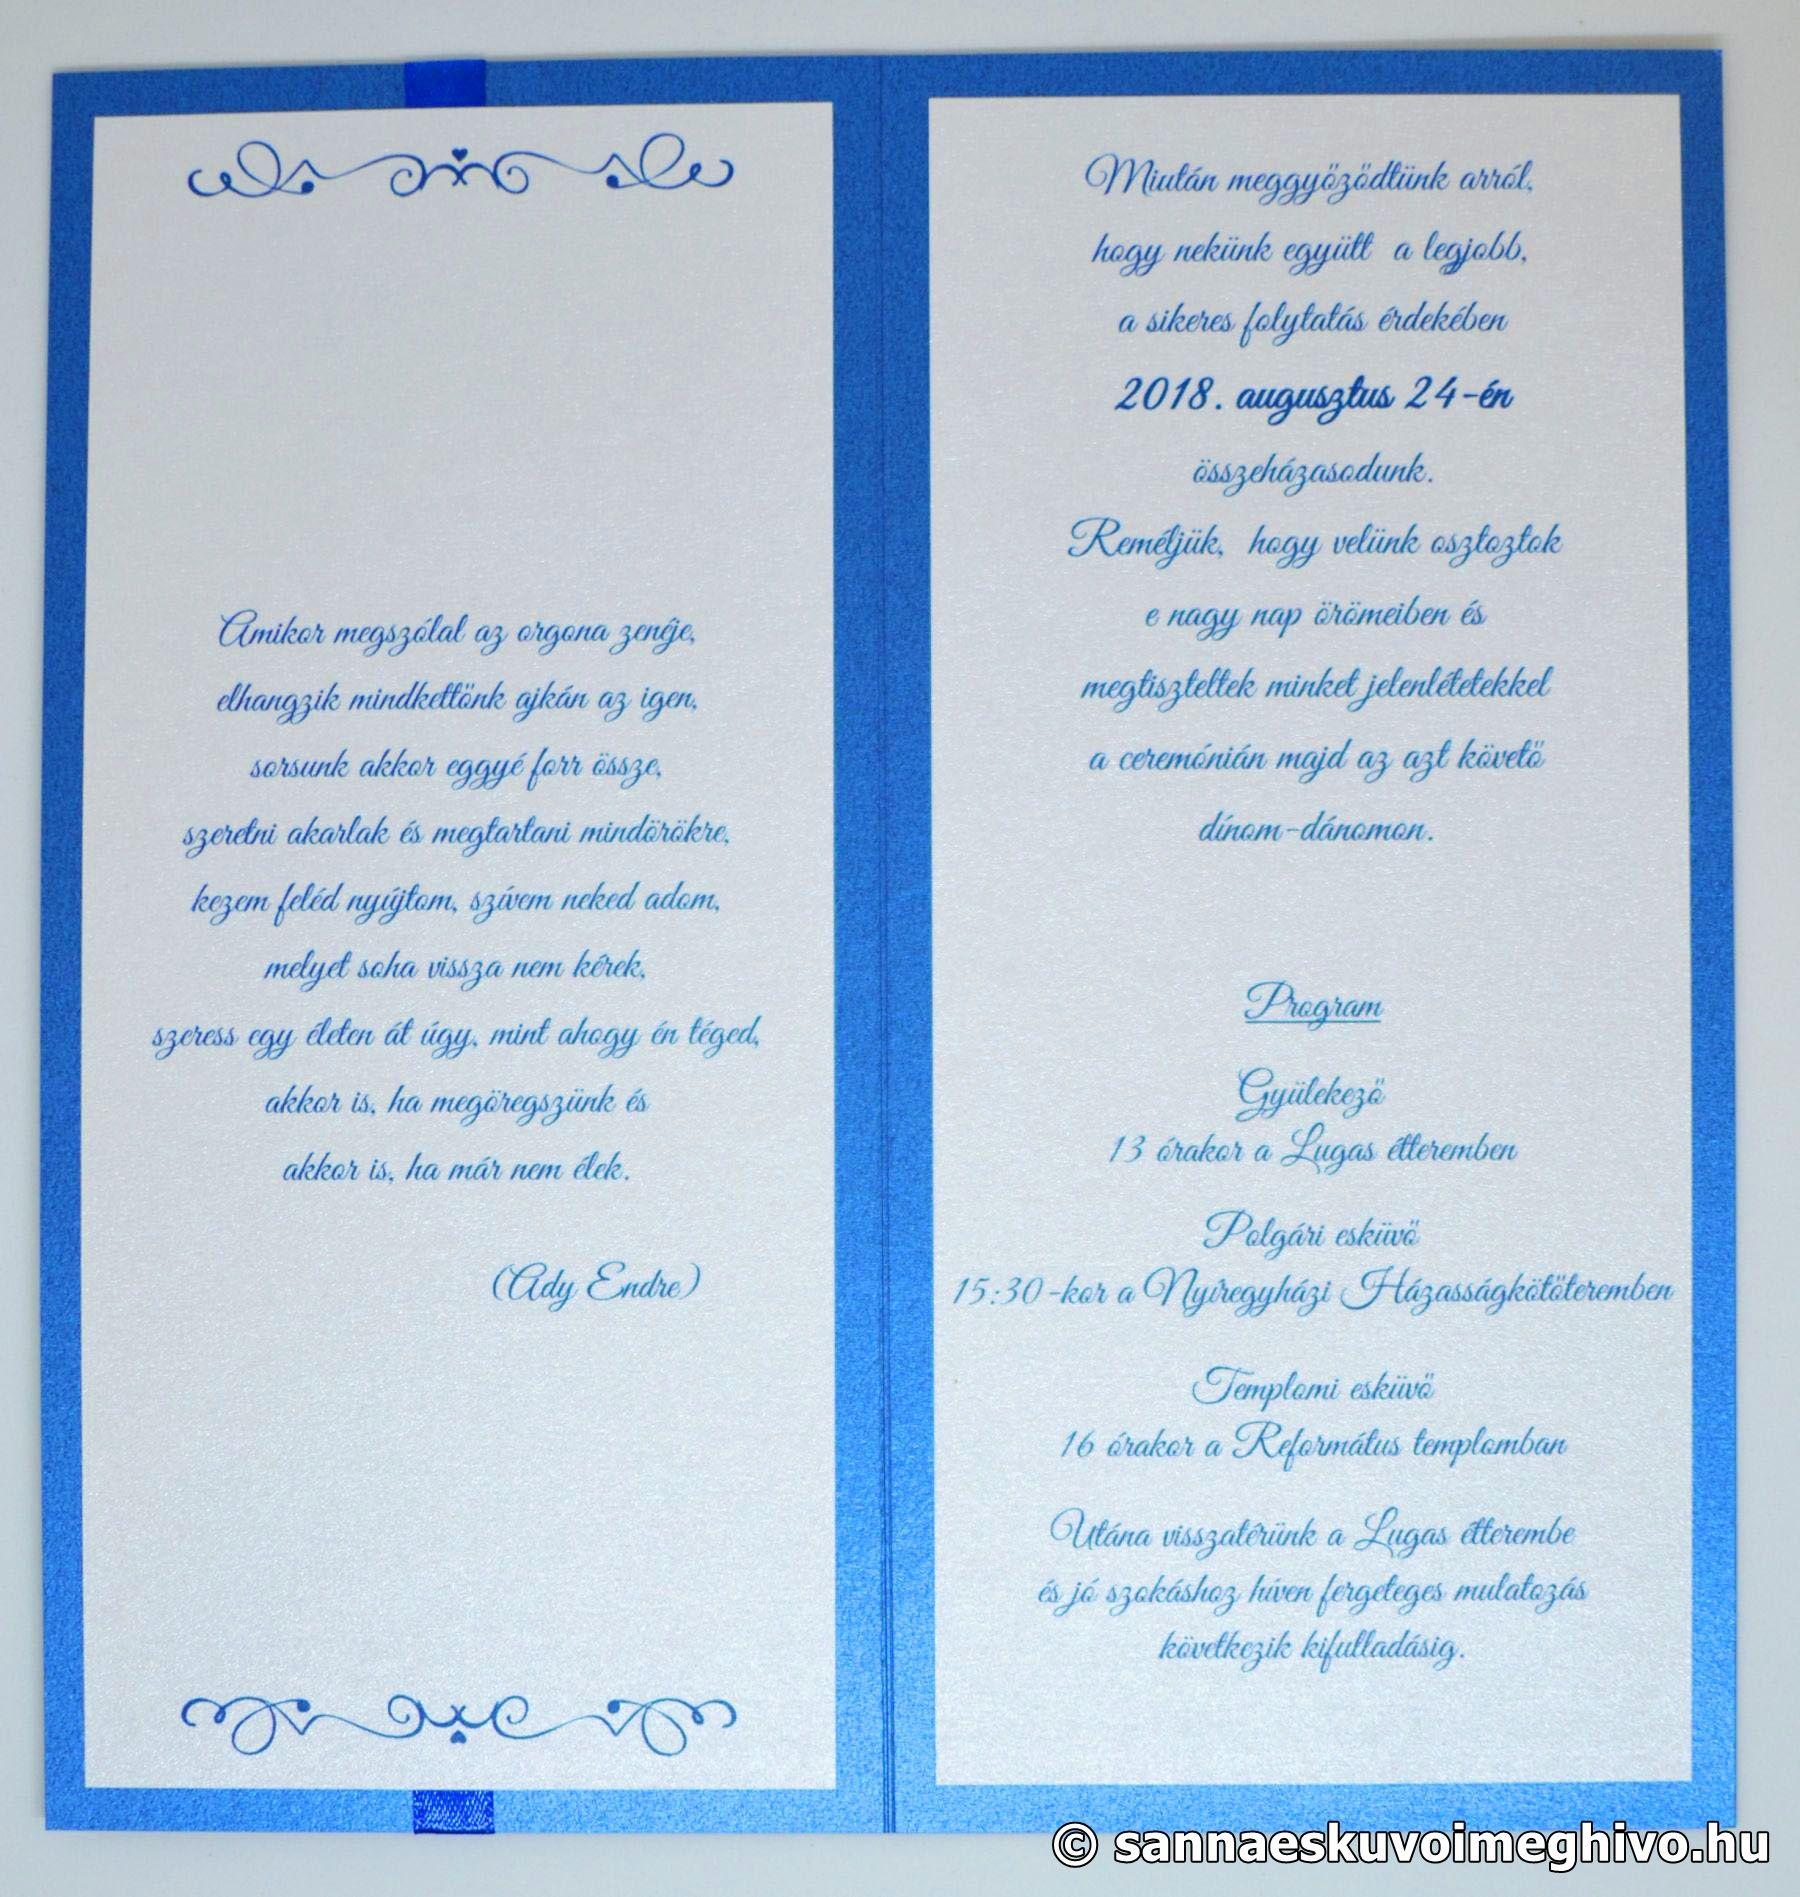 5590d9a4c3 Kék medence esküvői meghívó 1 - Sanna Esküvői Meghívó